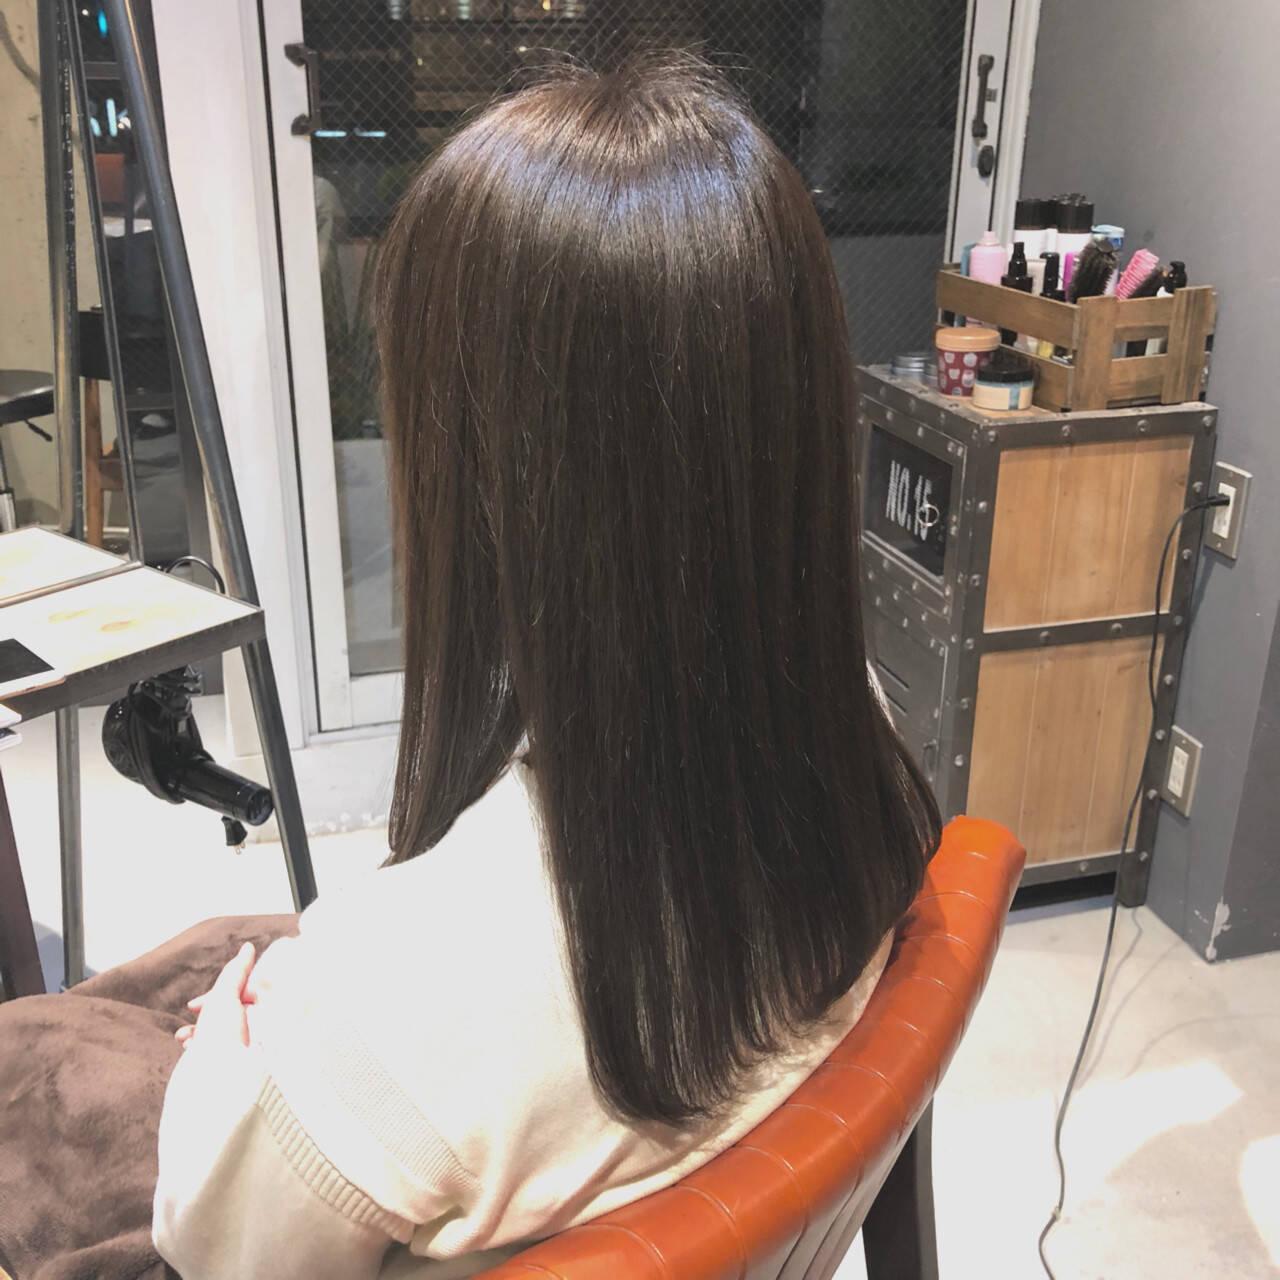 セミロング ツヤ ナチュラル グレージュヘアスタイルや髪型の写真・画像